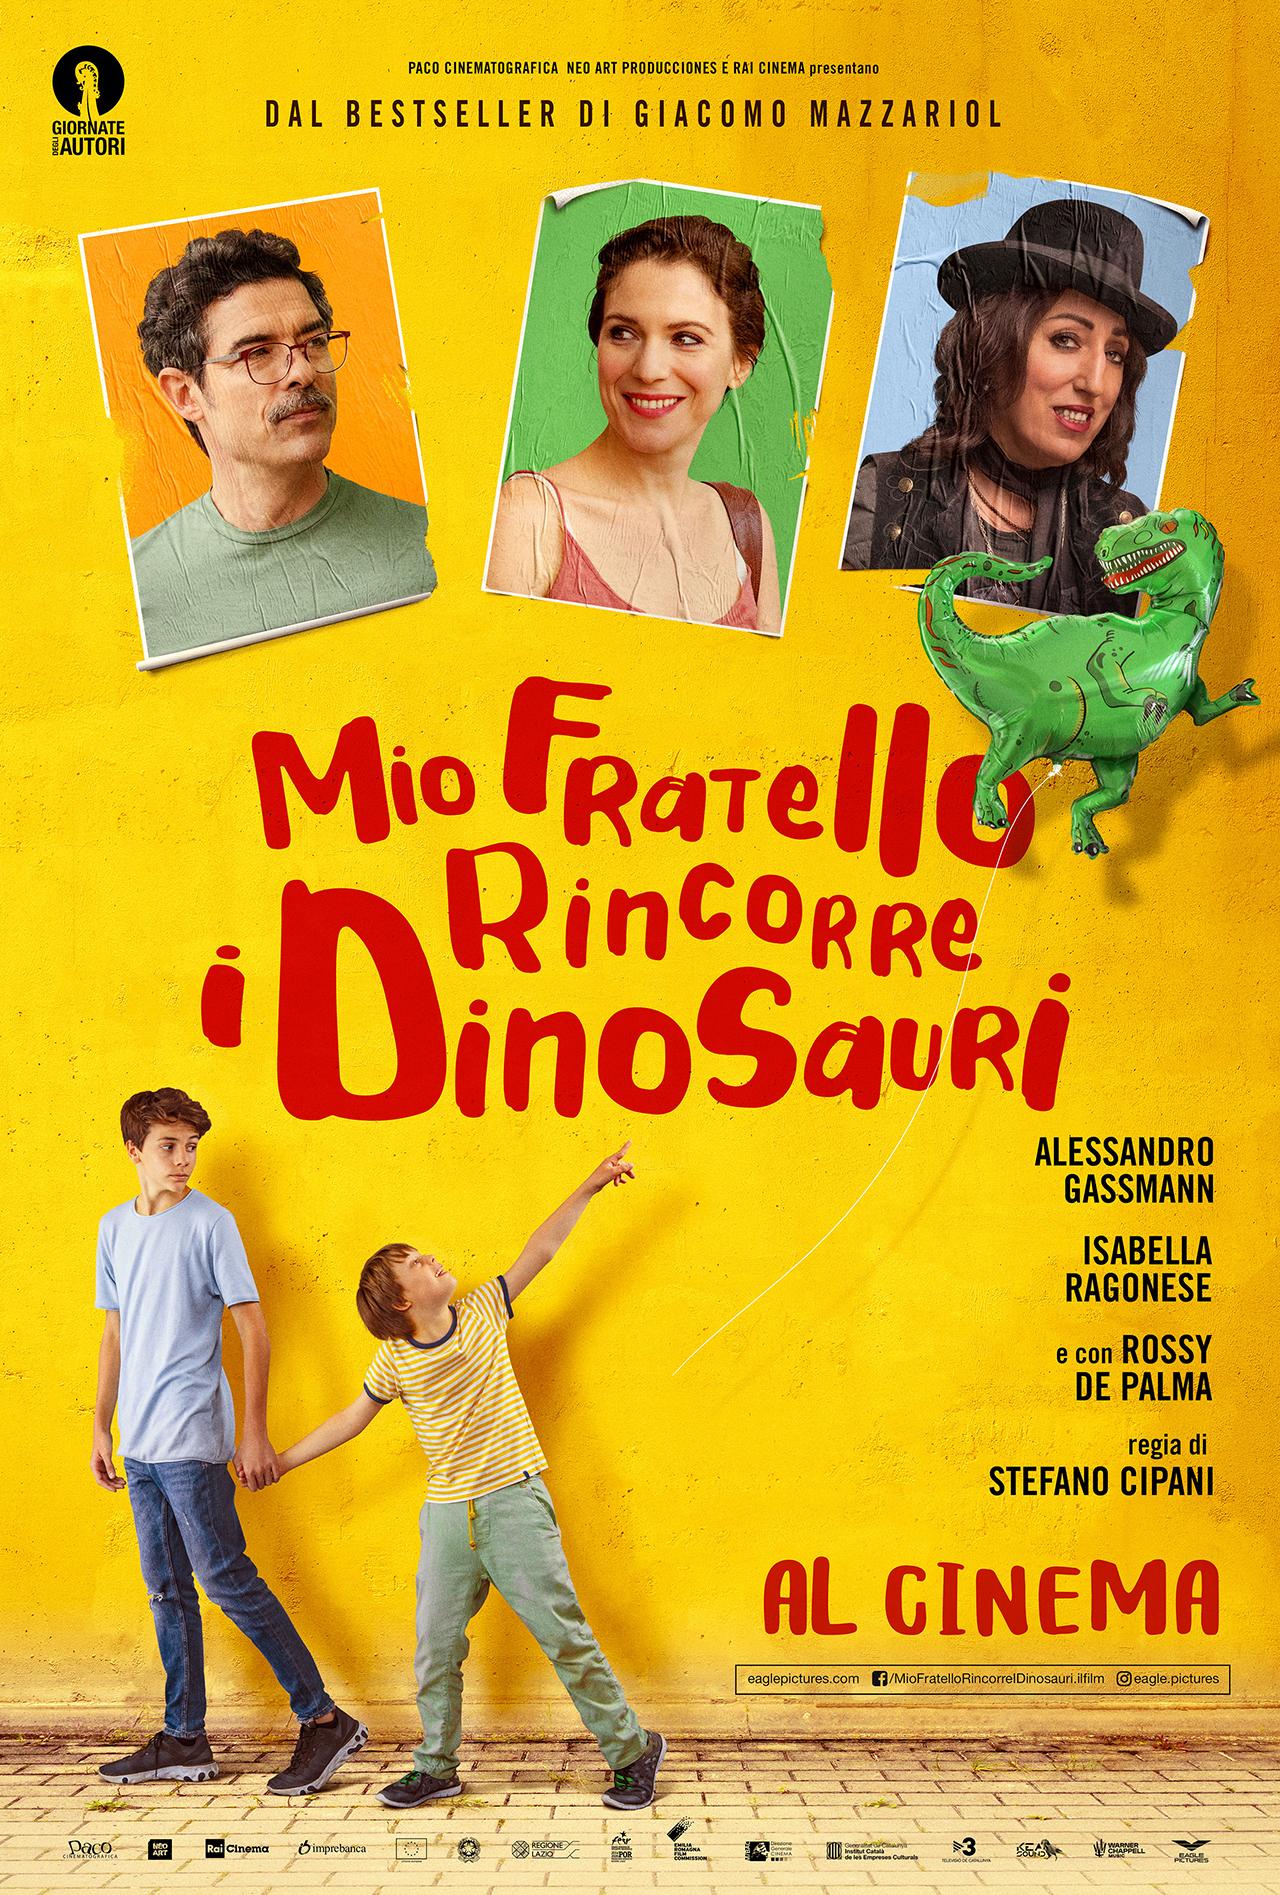 -  Dall'articolo: Mio fratello rincorre i dinosauri, il poster ufficiale del film.